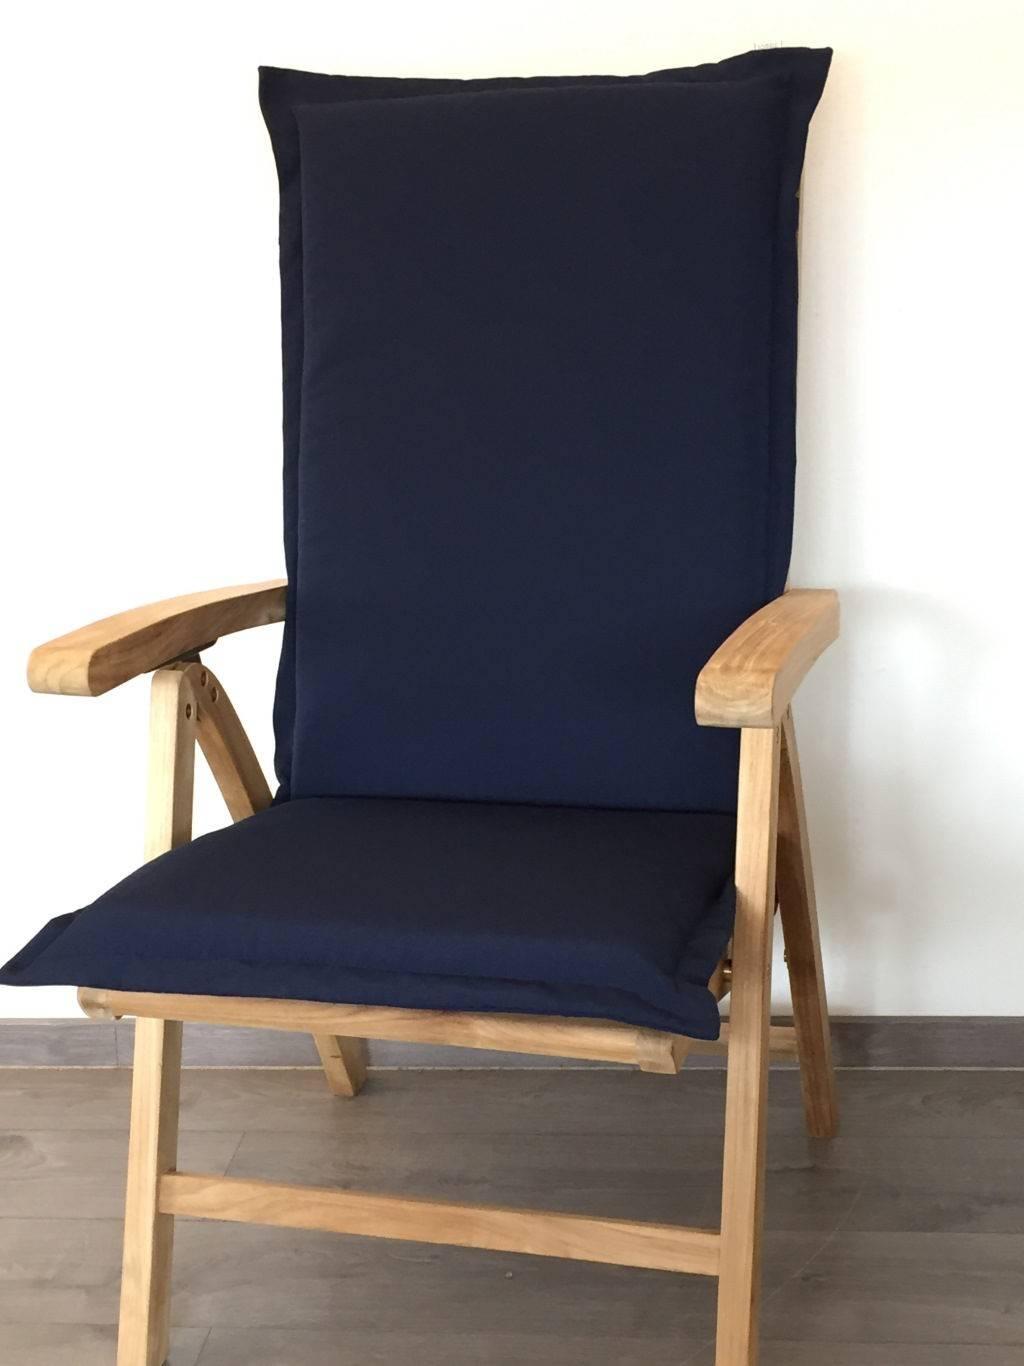 auflagen von jarke dick gepolstert mit rei verschluss in der farbe blau. Black Bedroom Furniture Sets. Home Design Ideas